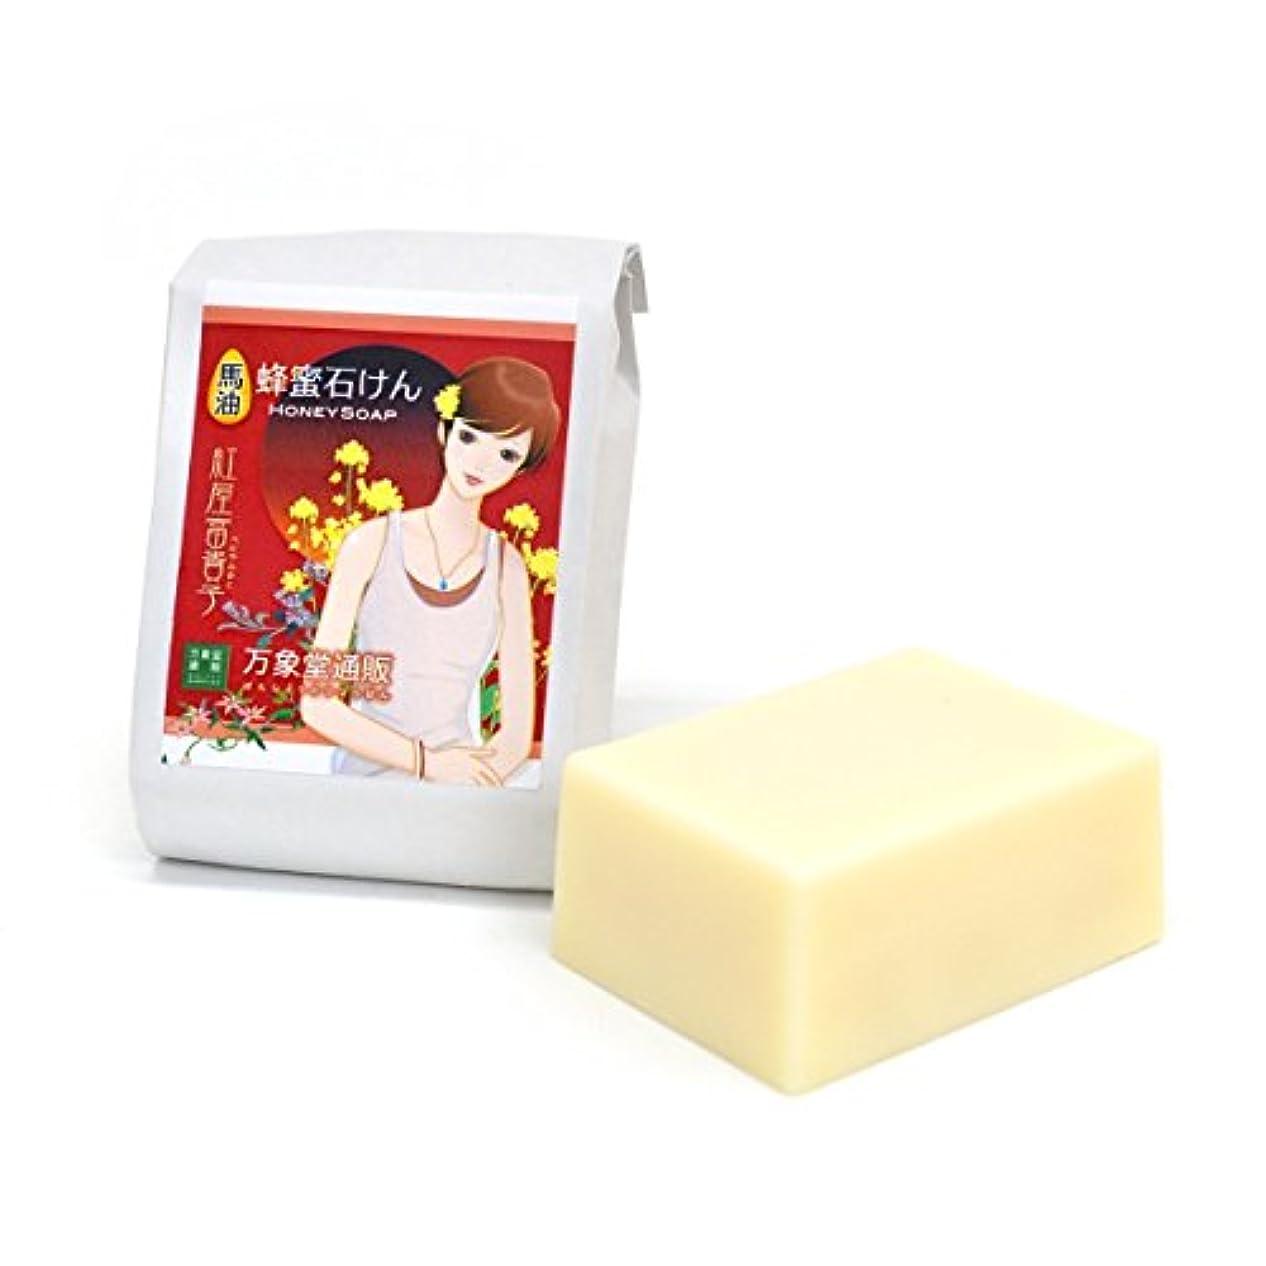 受け入れるクライマックス大気森羅万象堂 馬油石鹸 90g(国産)熊本県産 国産蜂蜜配合